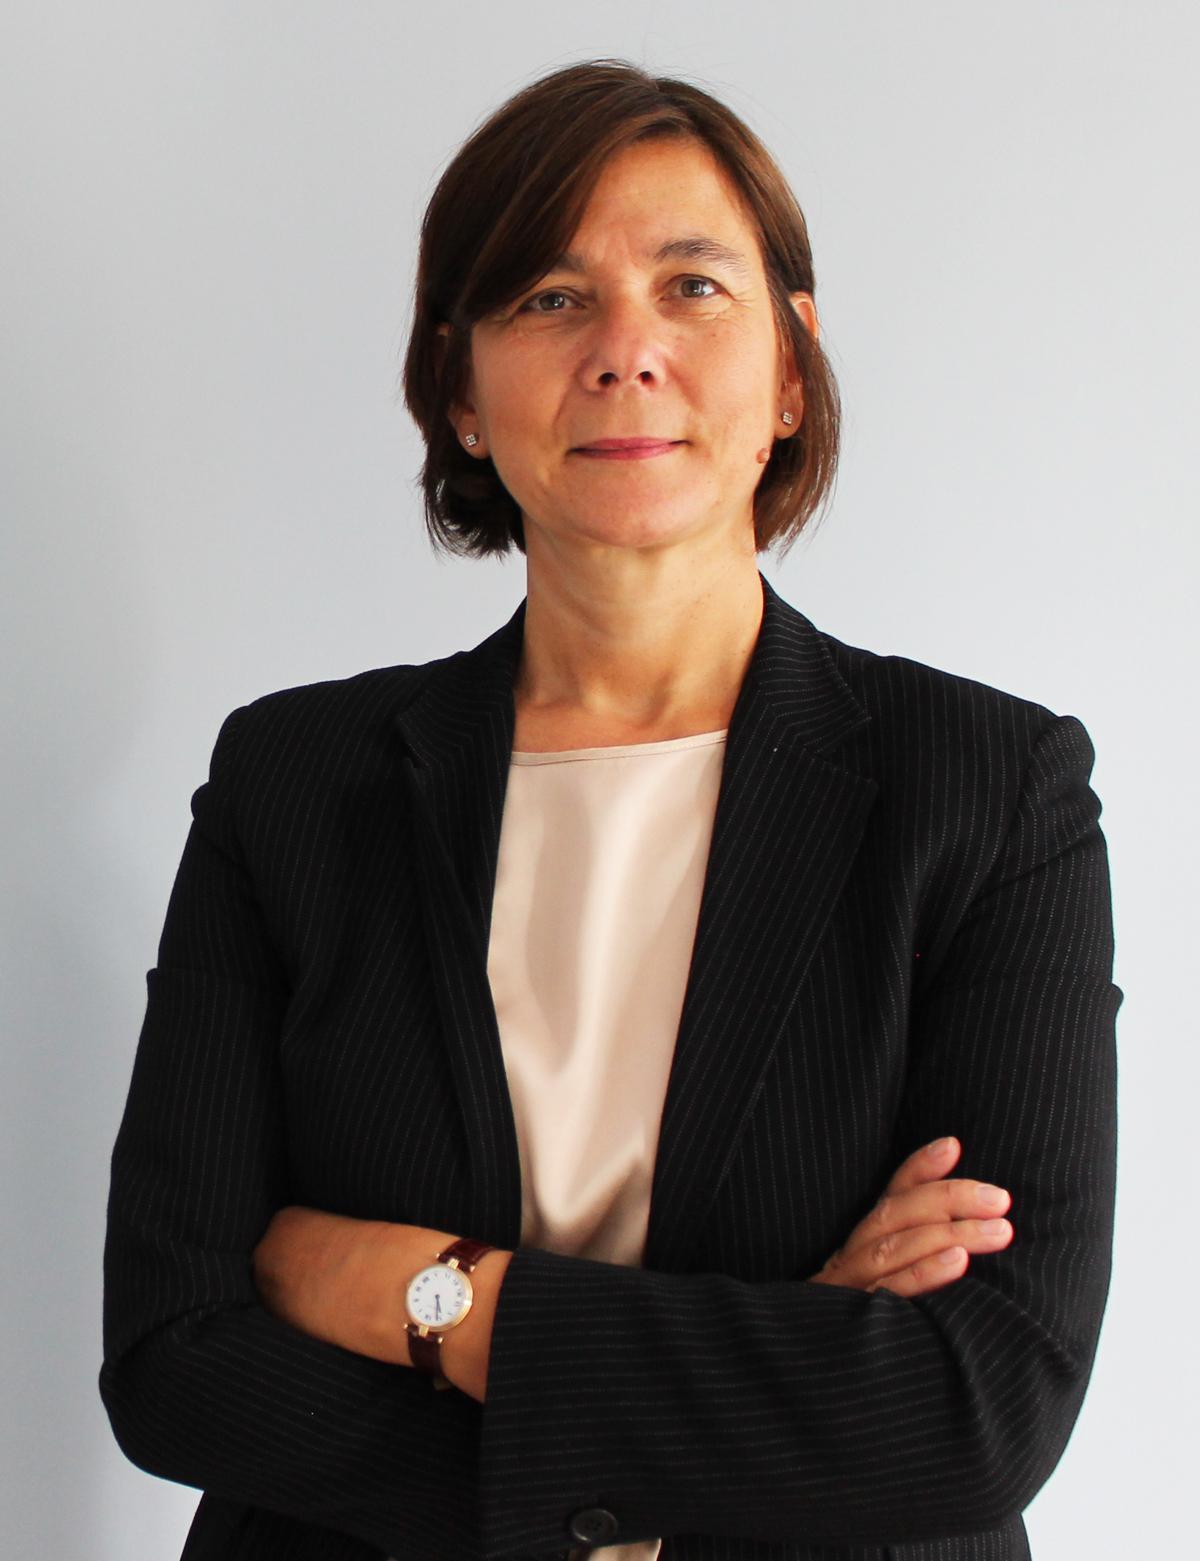 Claudia Cattarin